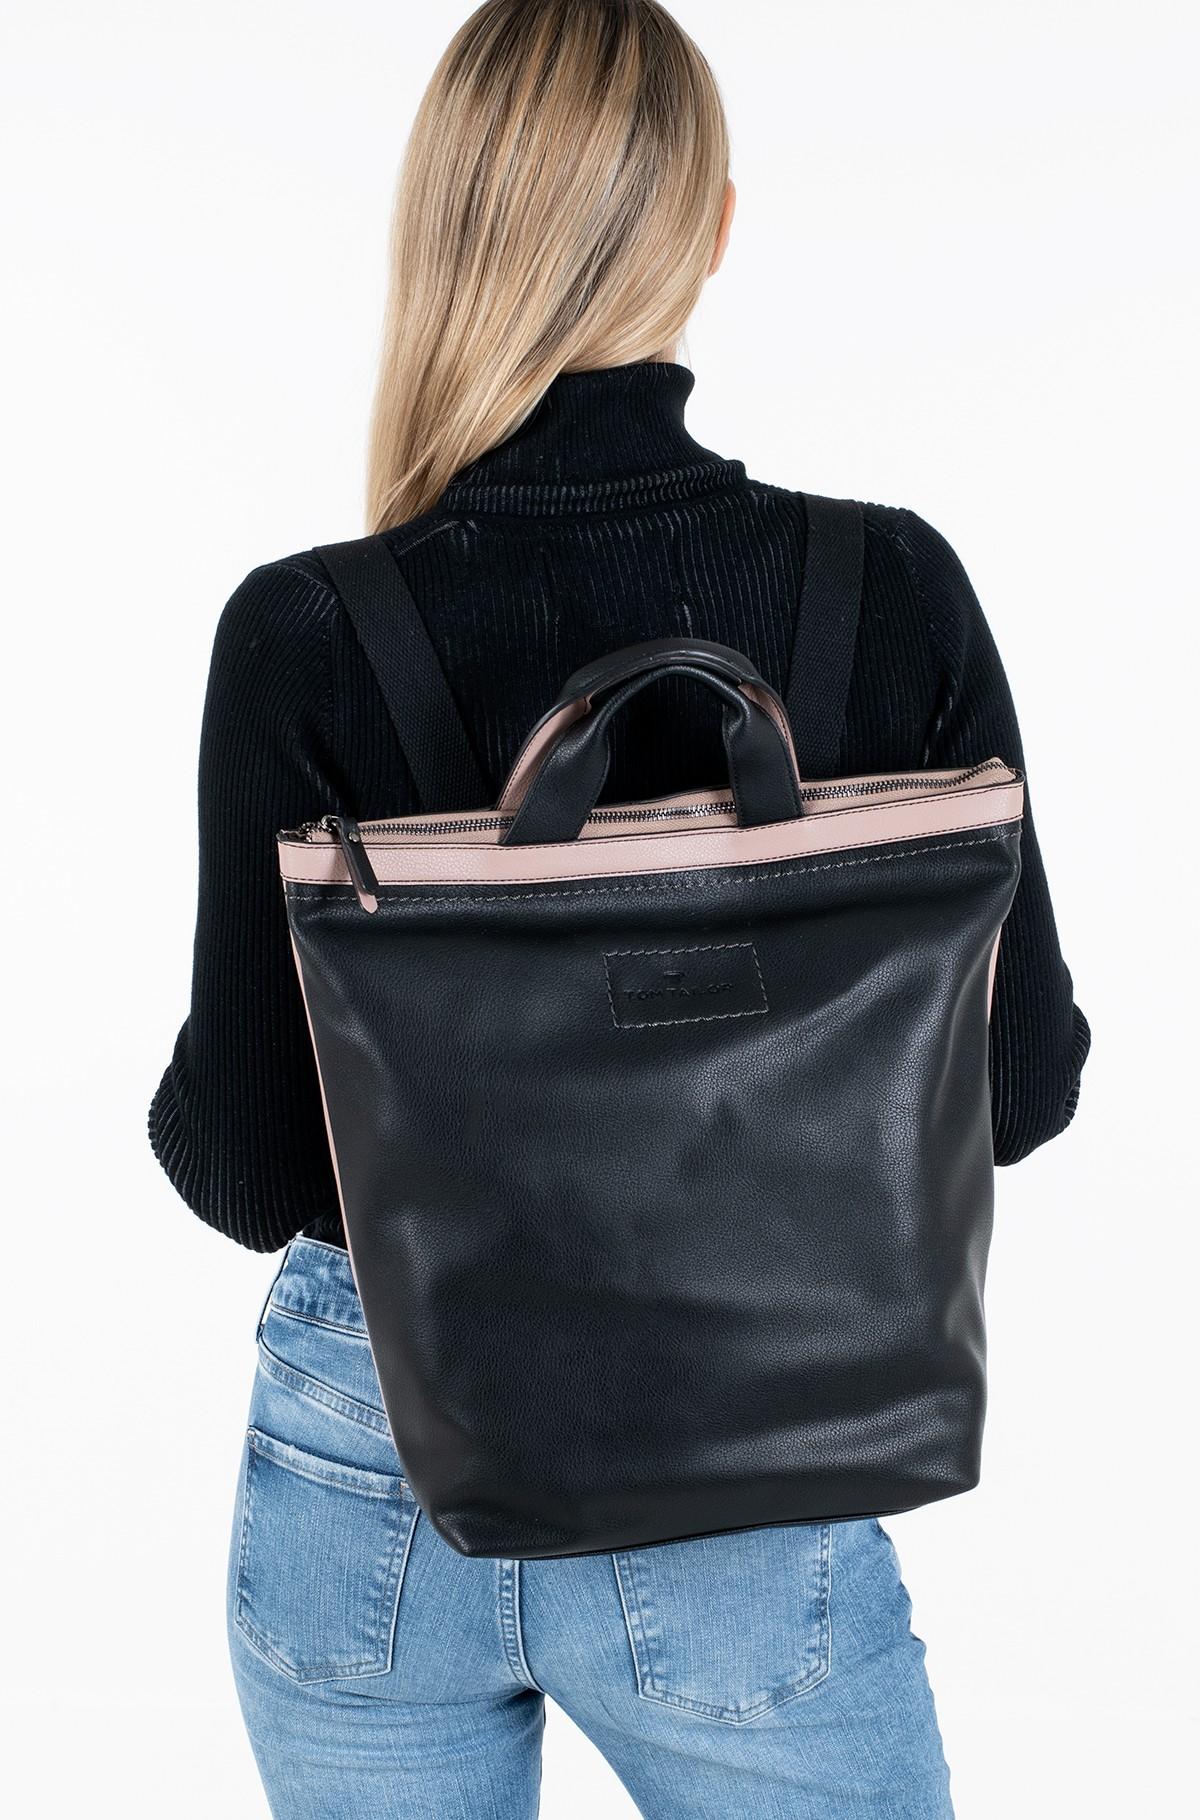 Handbag / backbag 28004-full-1